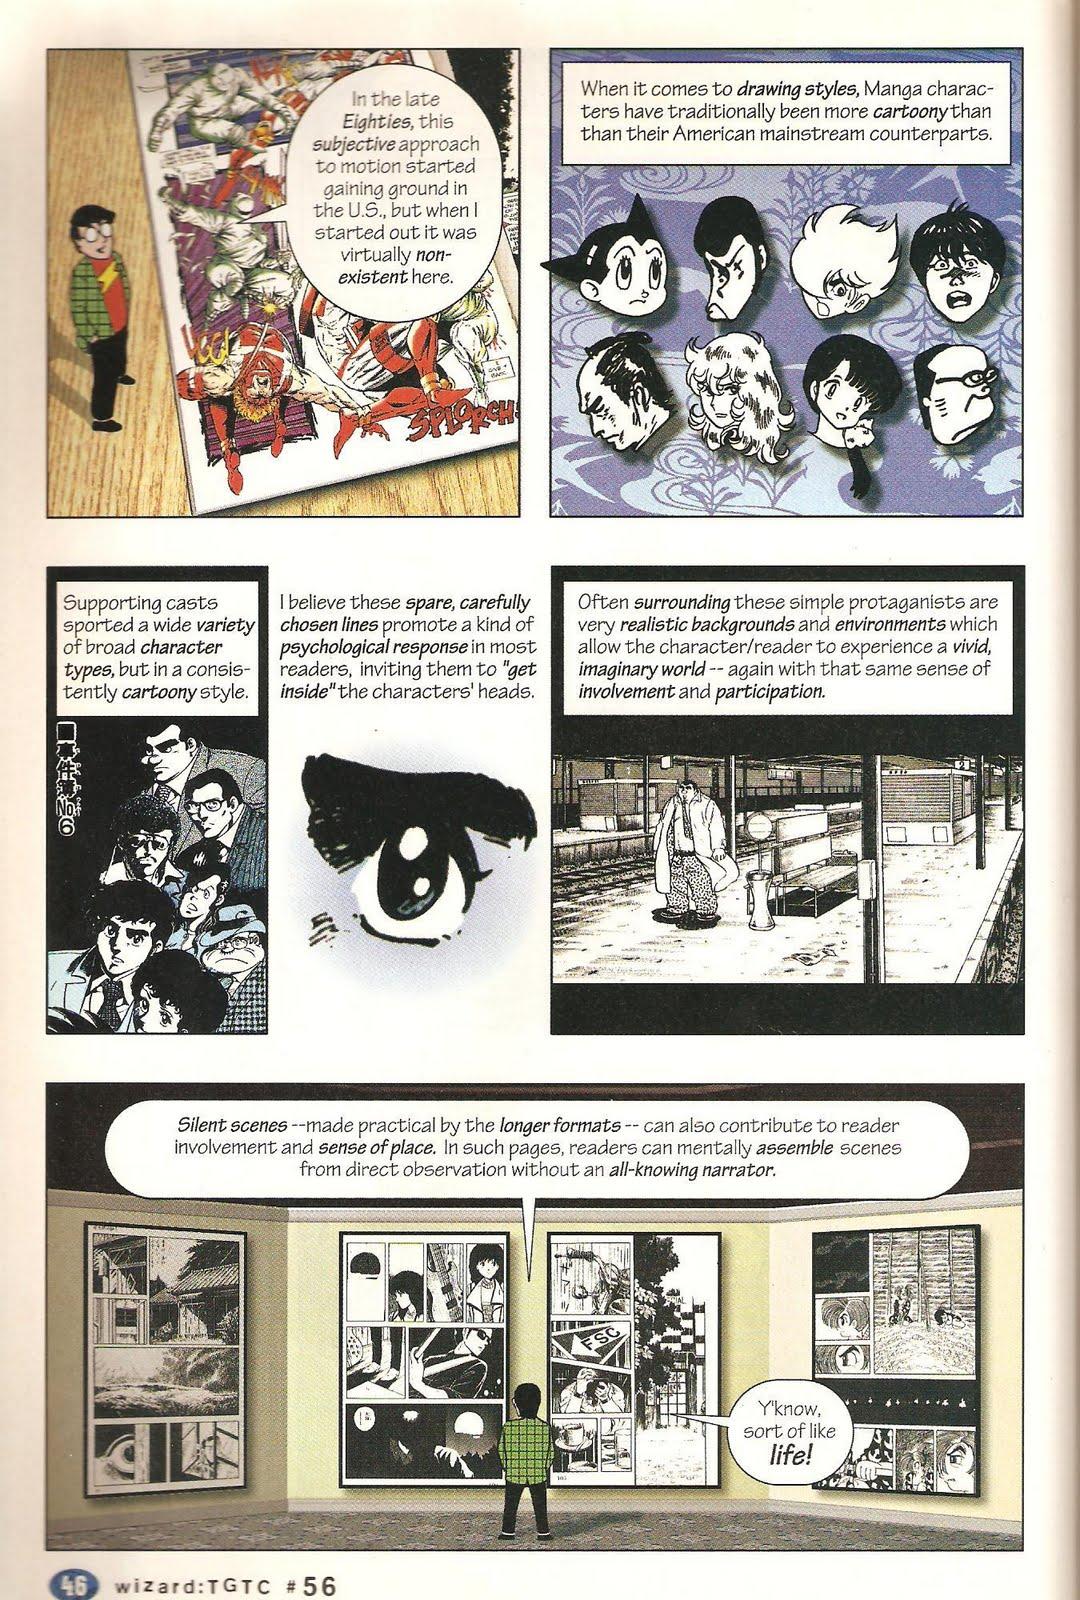 scott mccloud understanding comics essay